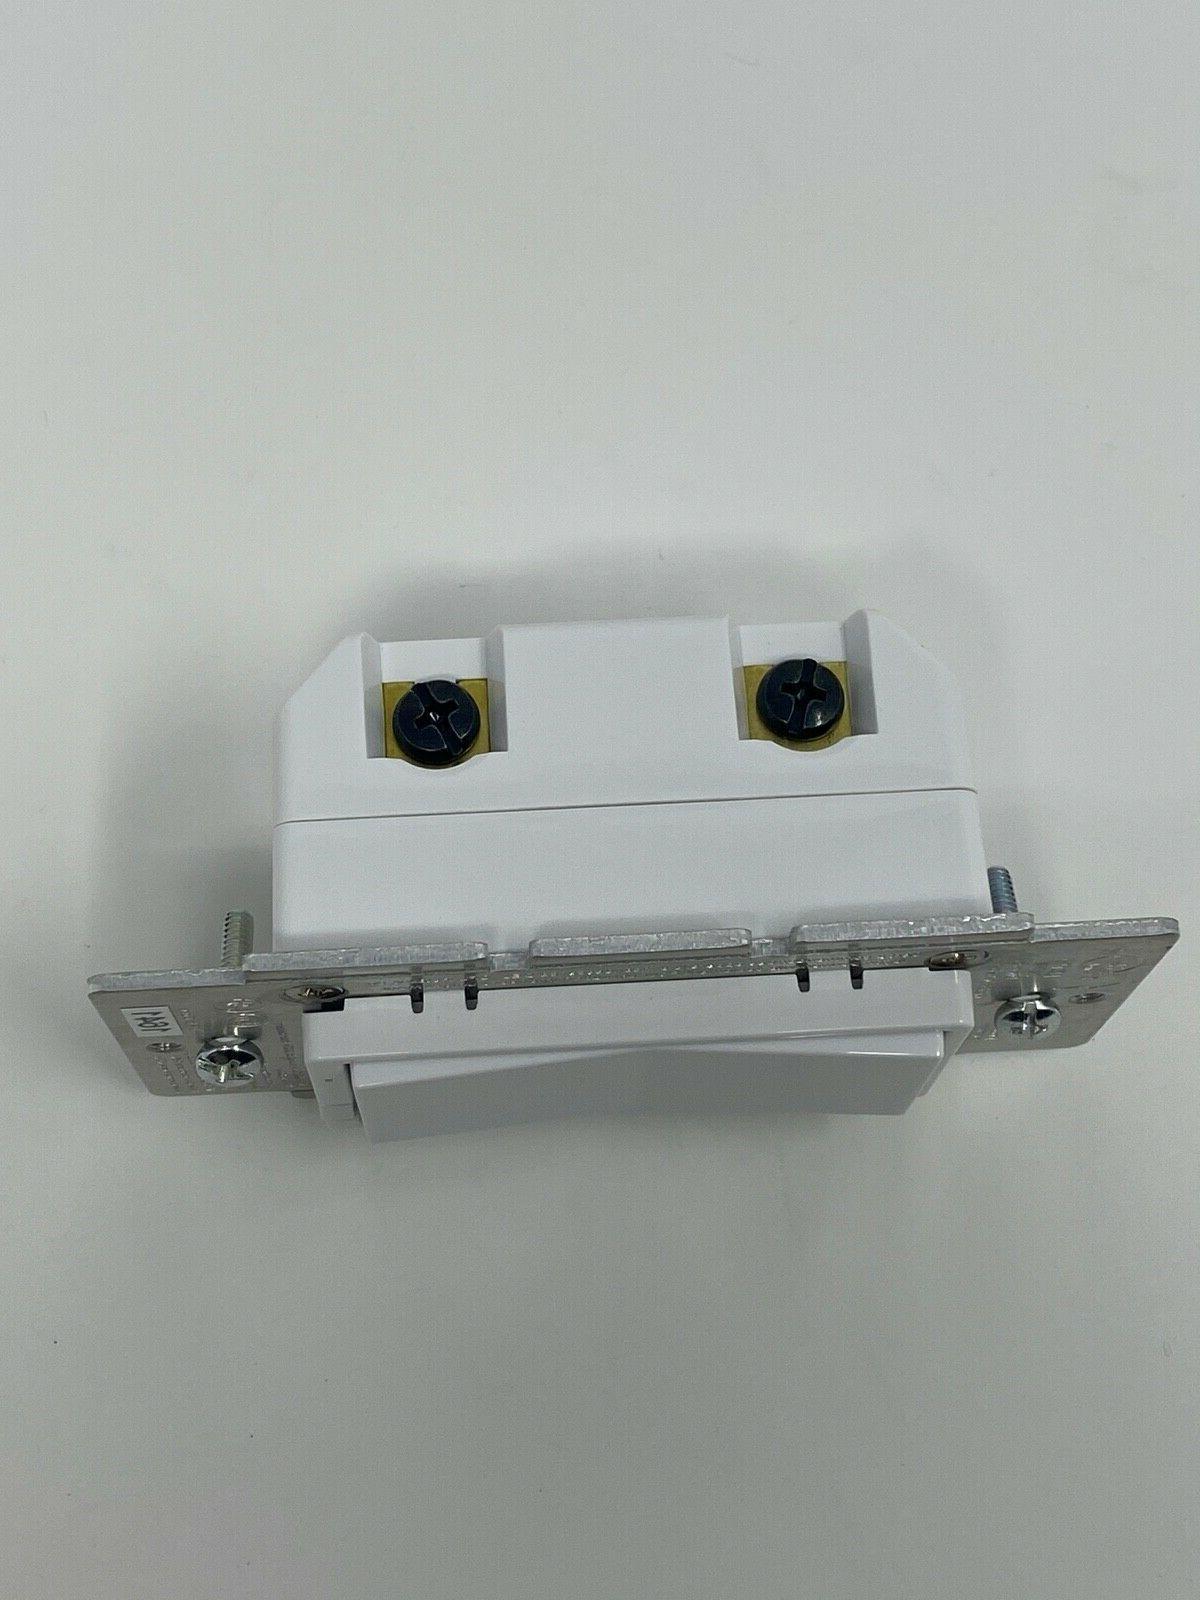 GE Zigbee In-Wall Smart Dimmer 3-Way/4-Way White/Almond LED Rocker Light